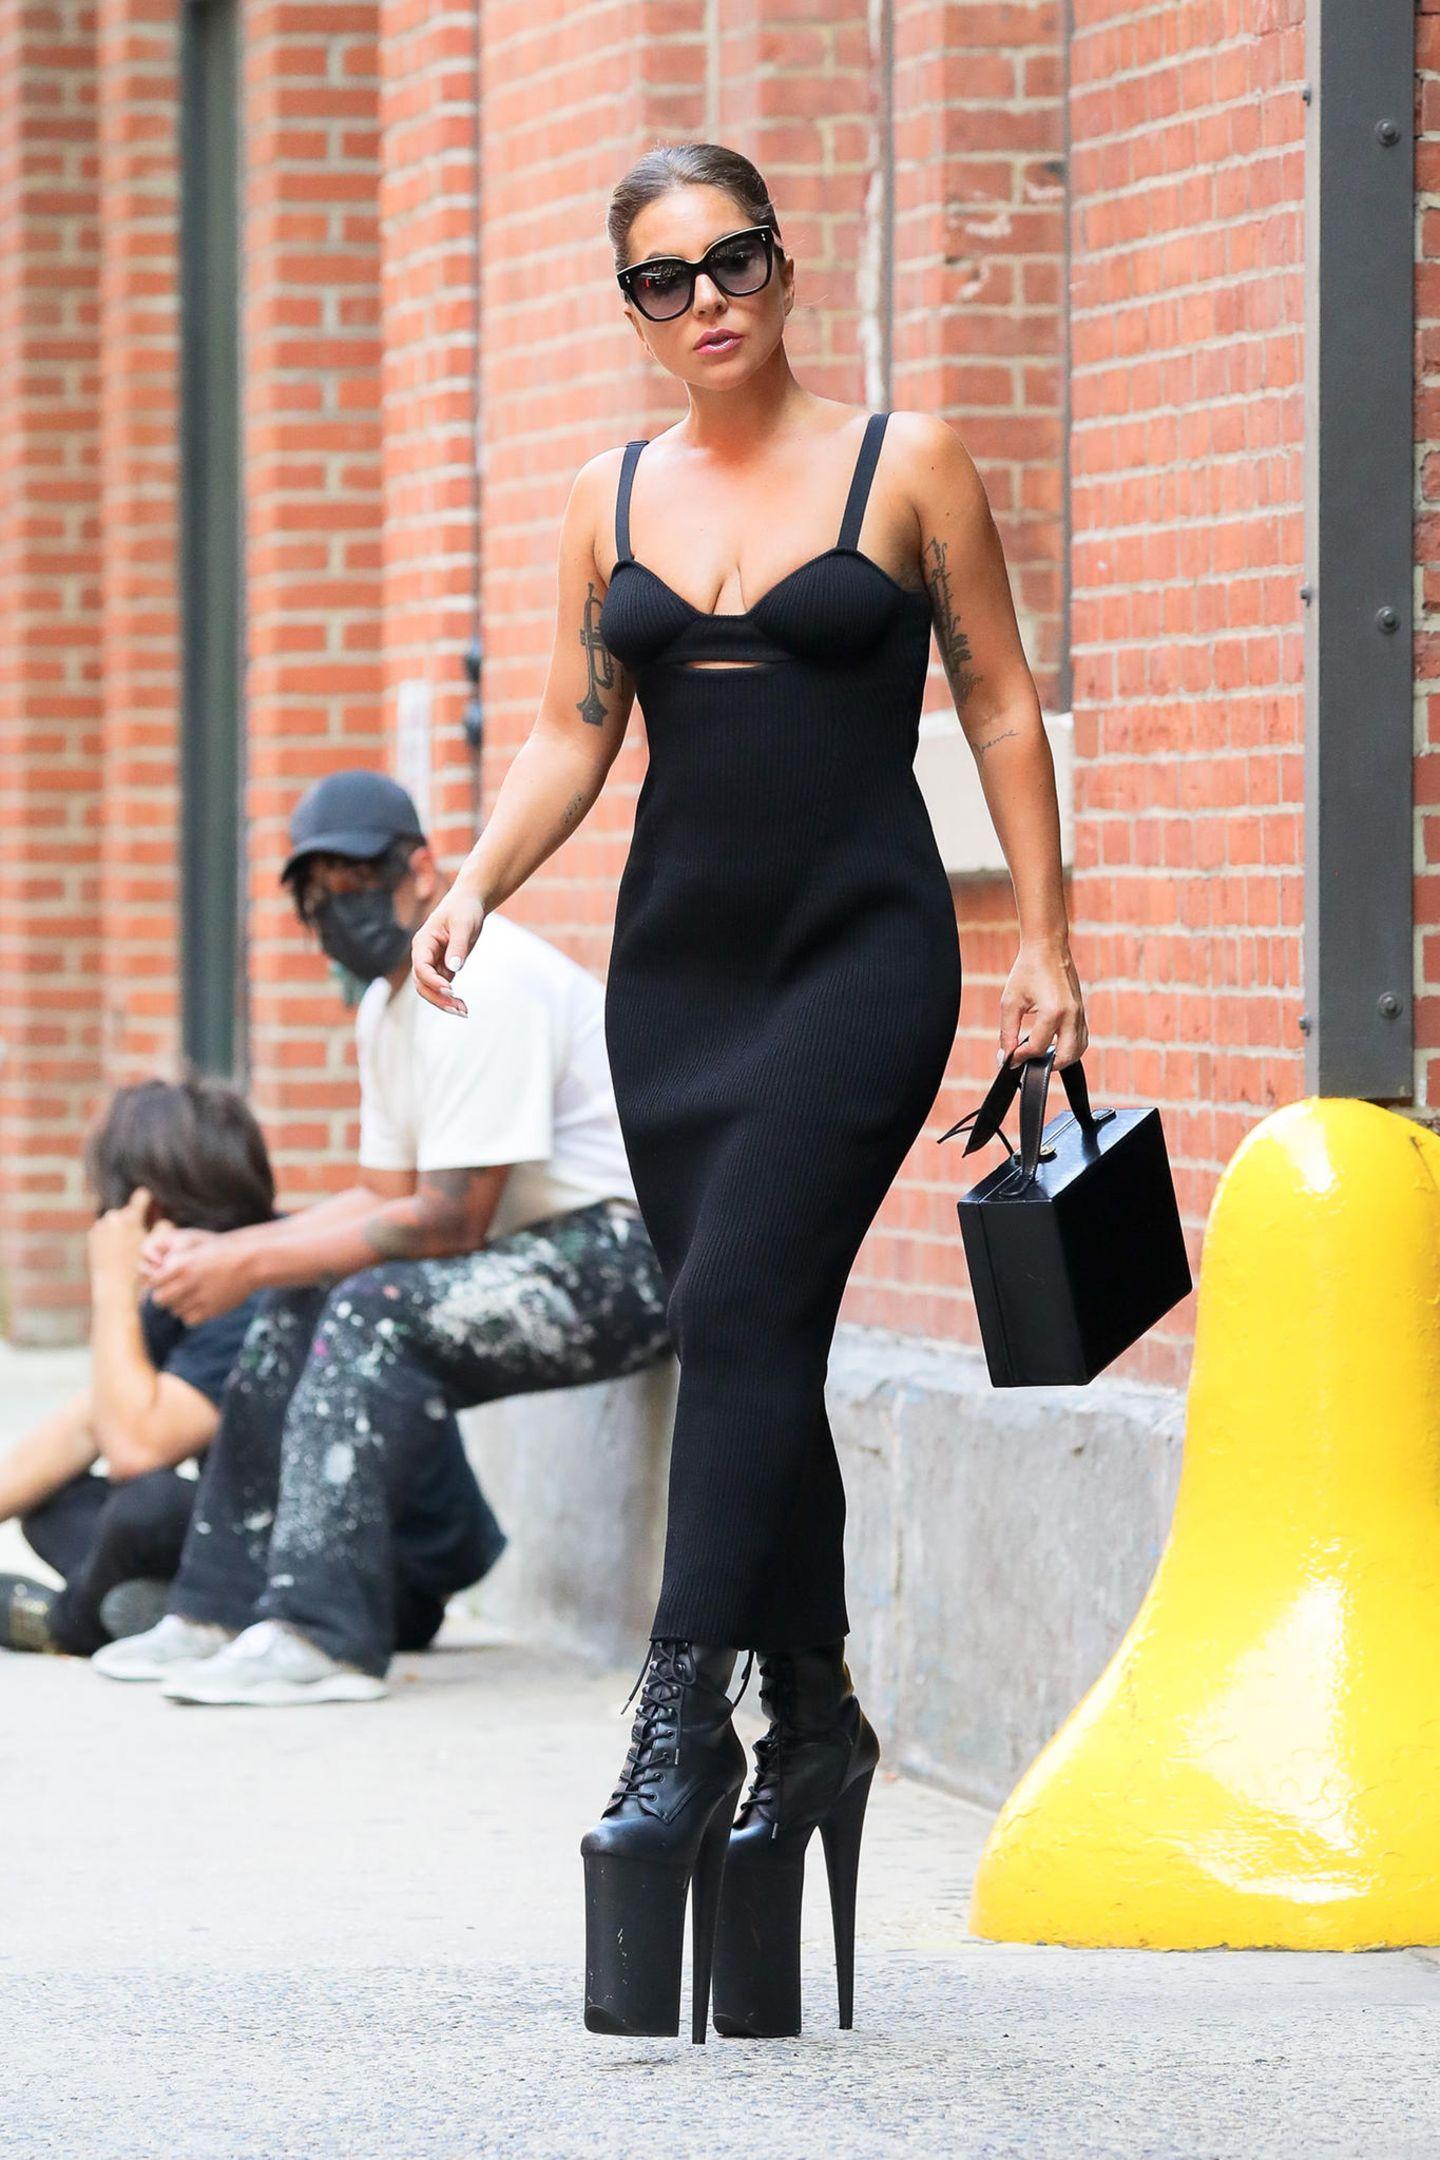 Dieser Look ist sotypisch Lady Gaga!ElegantesKleid, schicke Sonnenbrille, perfekt gestylte Haare – dazukombiniert die Sängerin aber nicht etwa klassische Pumps oder Sandalen, sondern setzt stattdessen auf extravagante Stiefel mit XXXXL-Plateau, die das Outfit definitiv auf ein neues Level heben.